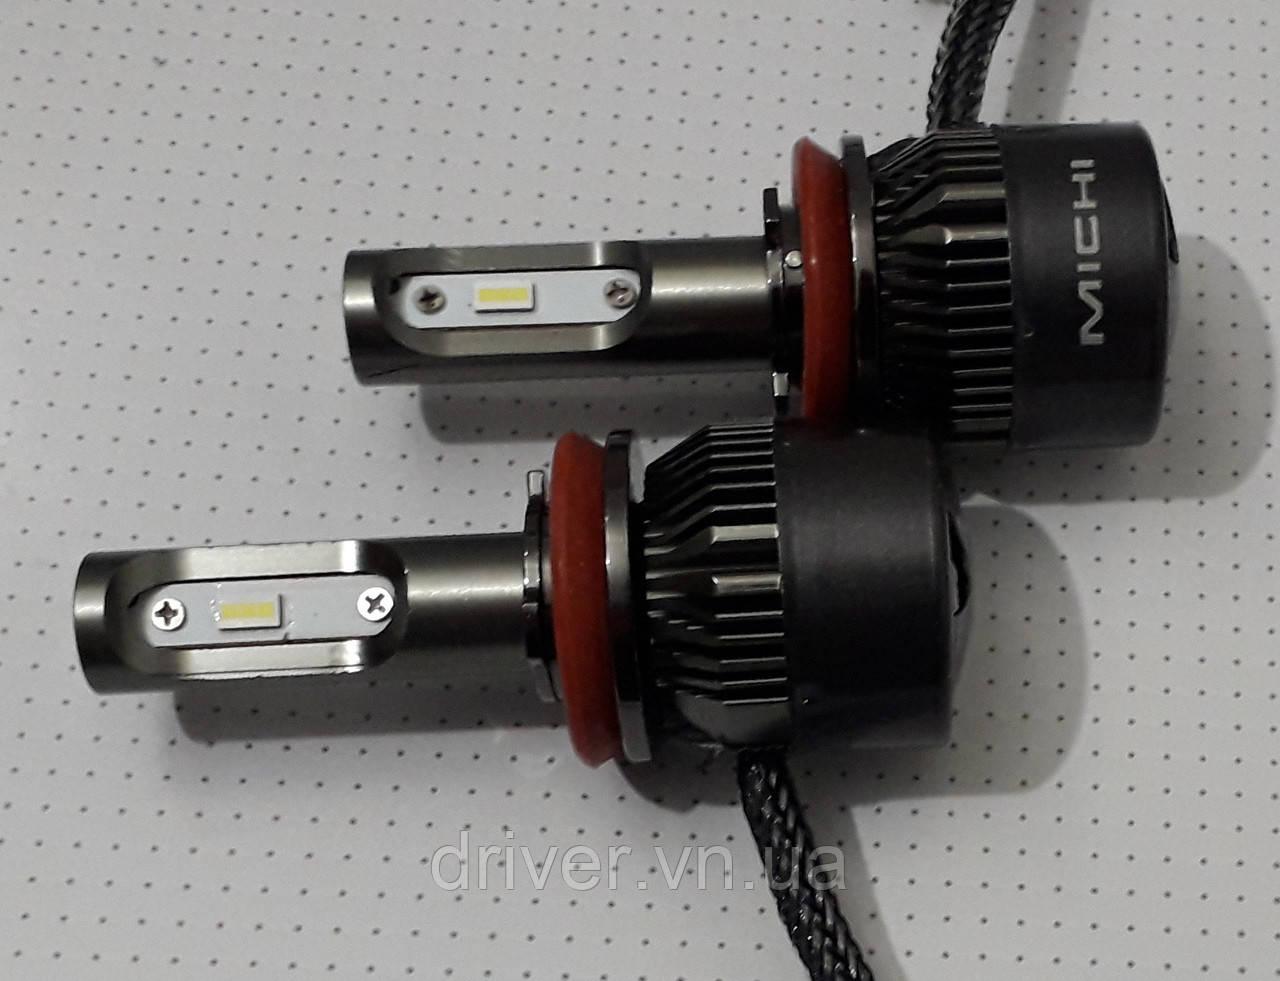 Лампочки LED H11 (H8) 5500K / 5500Lm (кт-2шт)